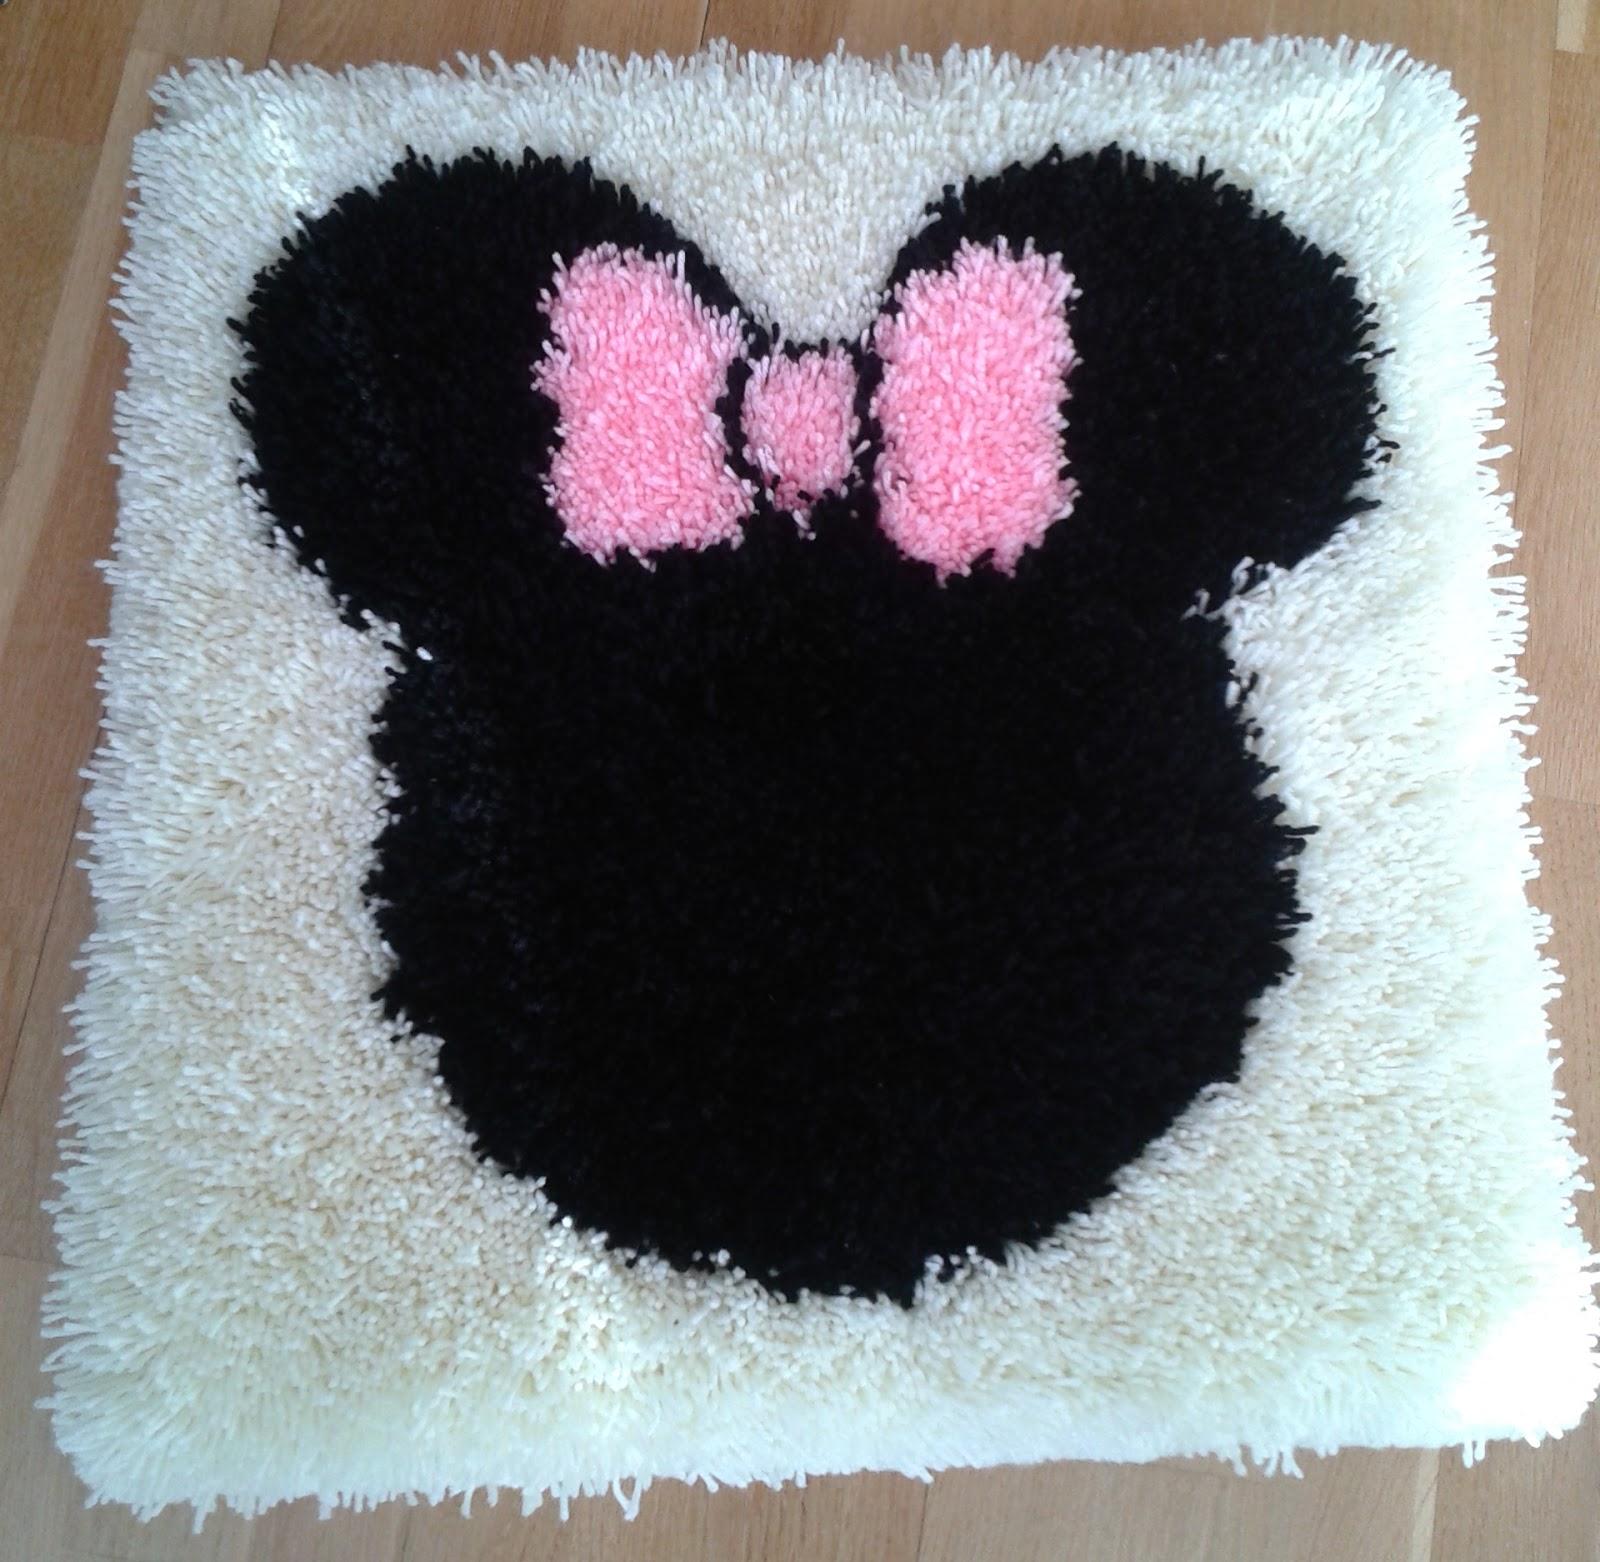 El rinc n de elsah minnie mouse alfombra ni a o ni o - Alfombra nina ...